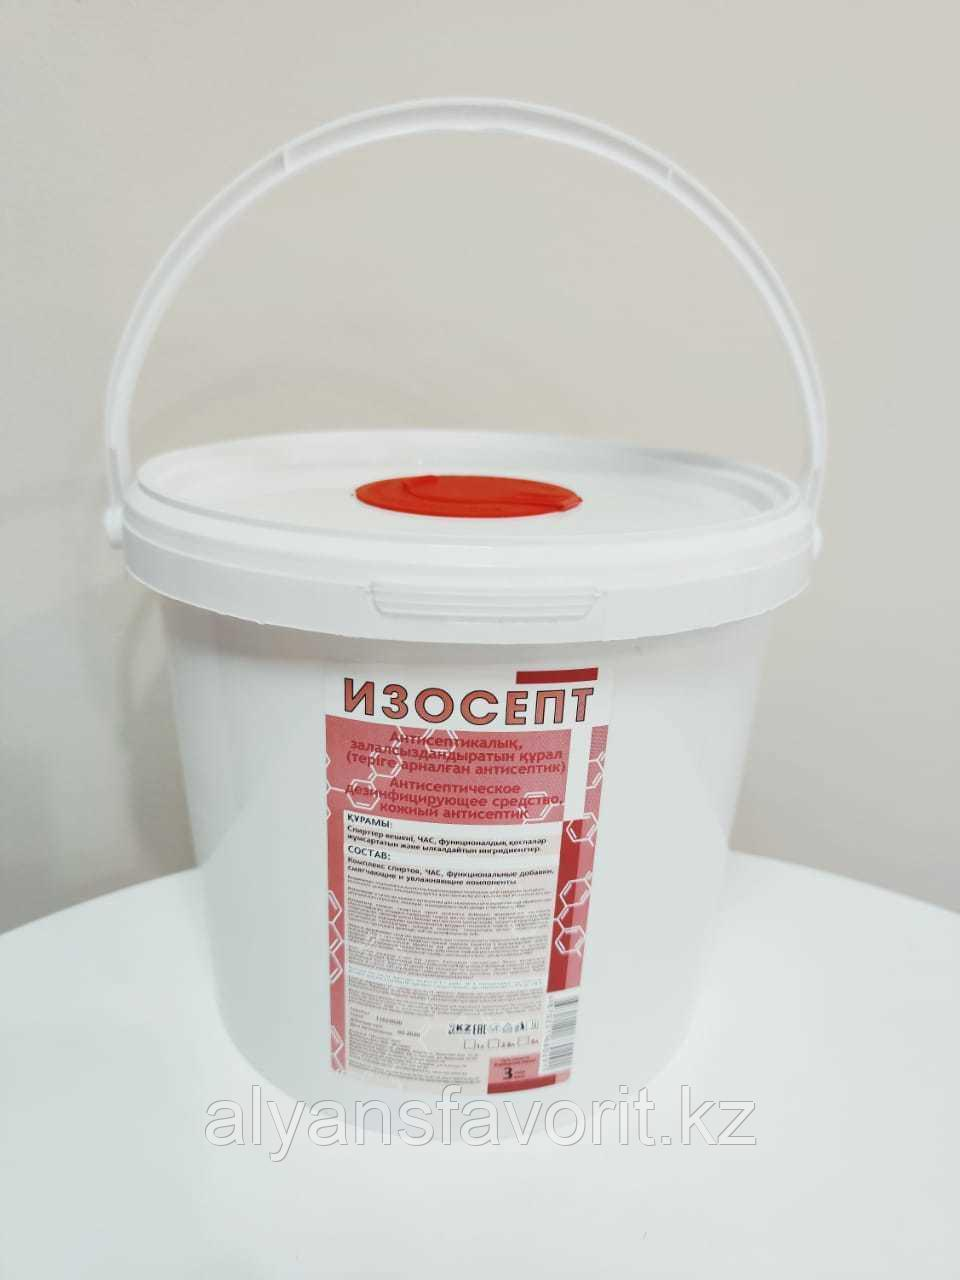 Диспенсерная система Изосепт 3,8 л, с салфетками 250 шт. РК